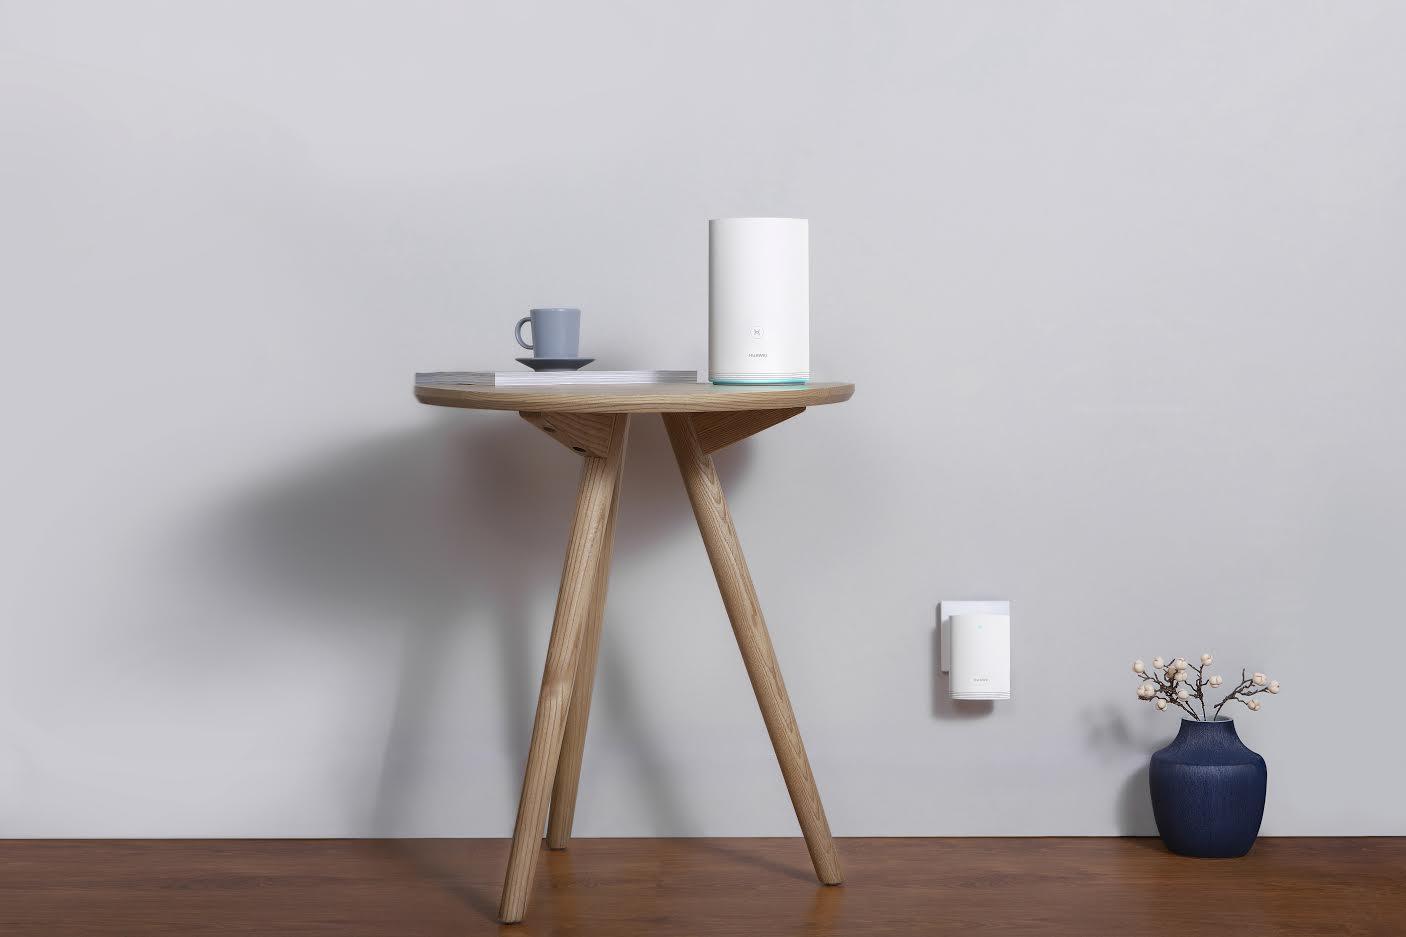 Huawei predstavio WiFi Q2 Pro - sustav za kućni Wi-Fi